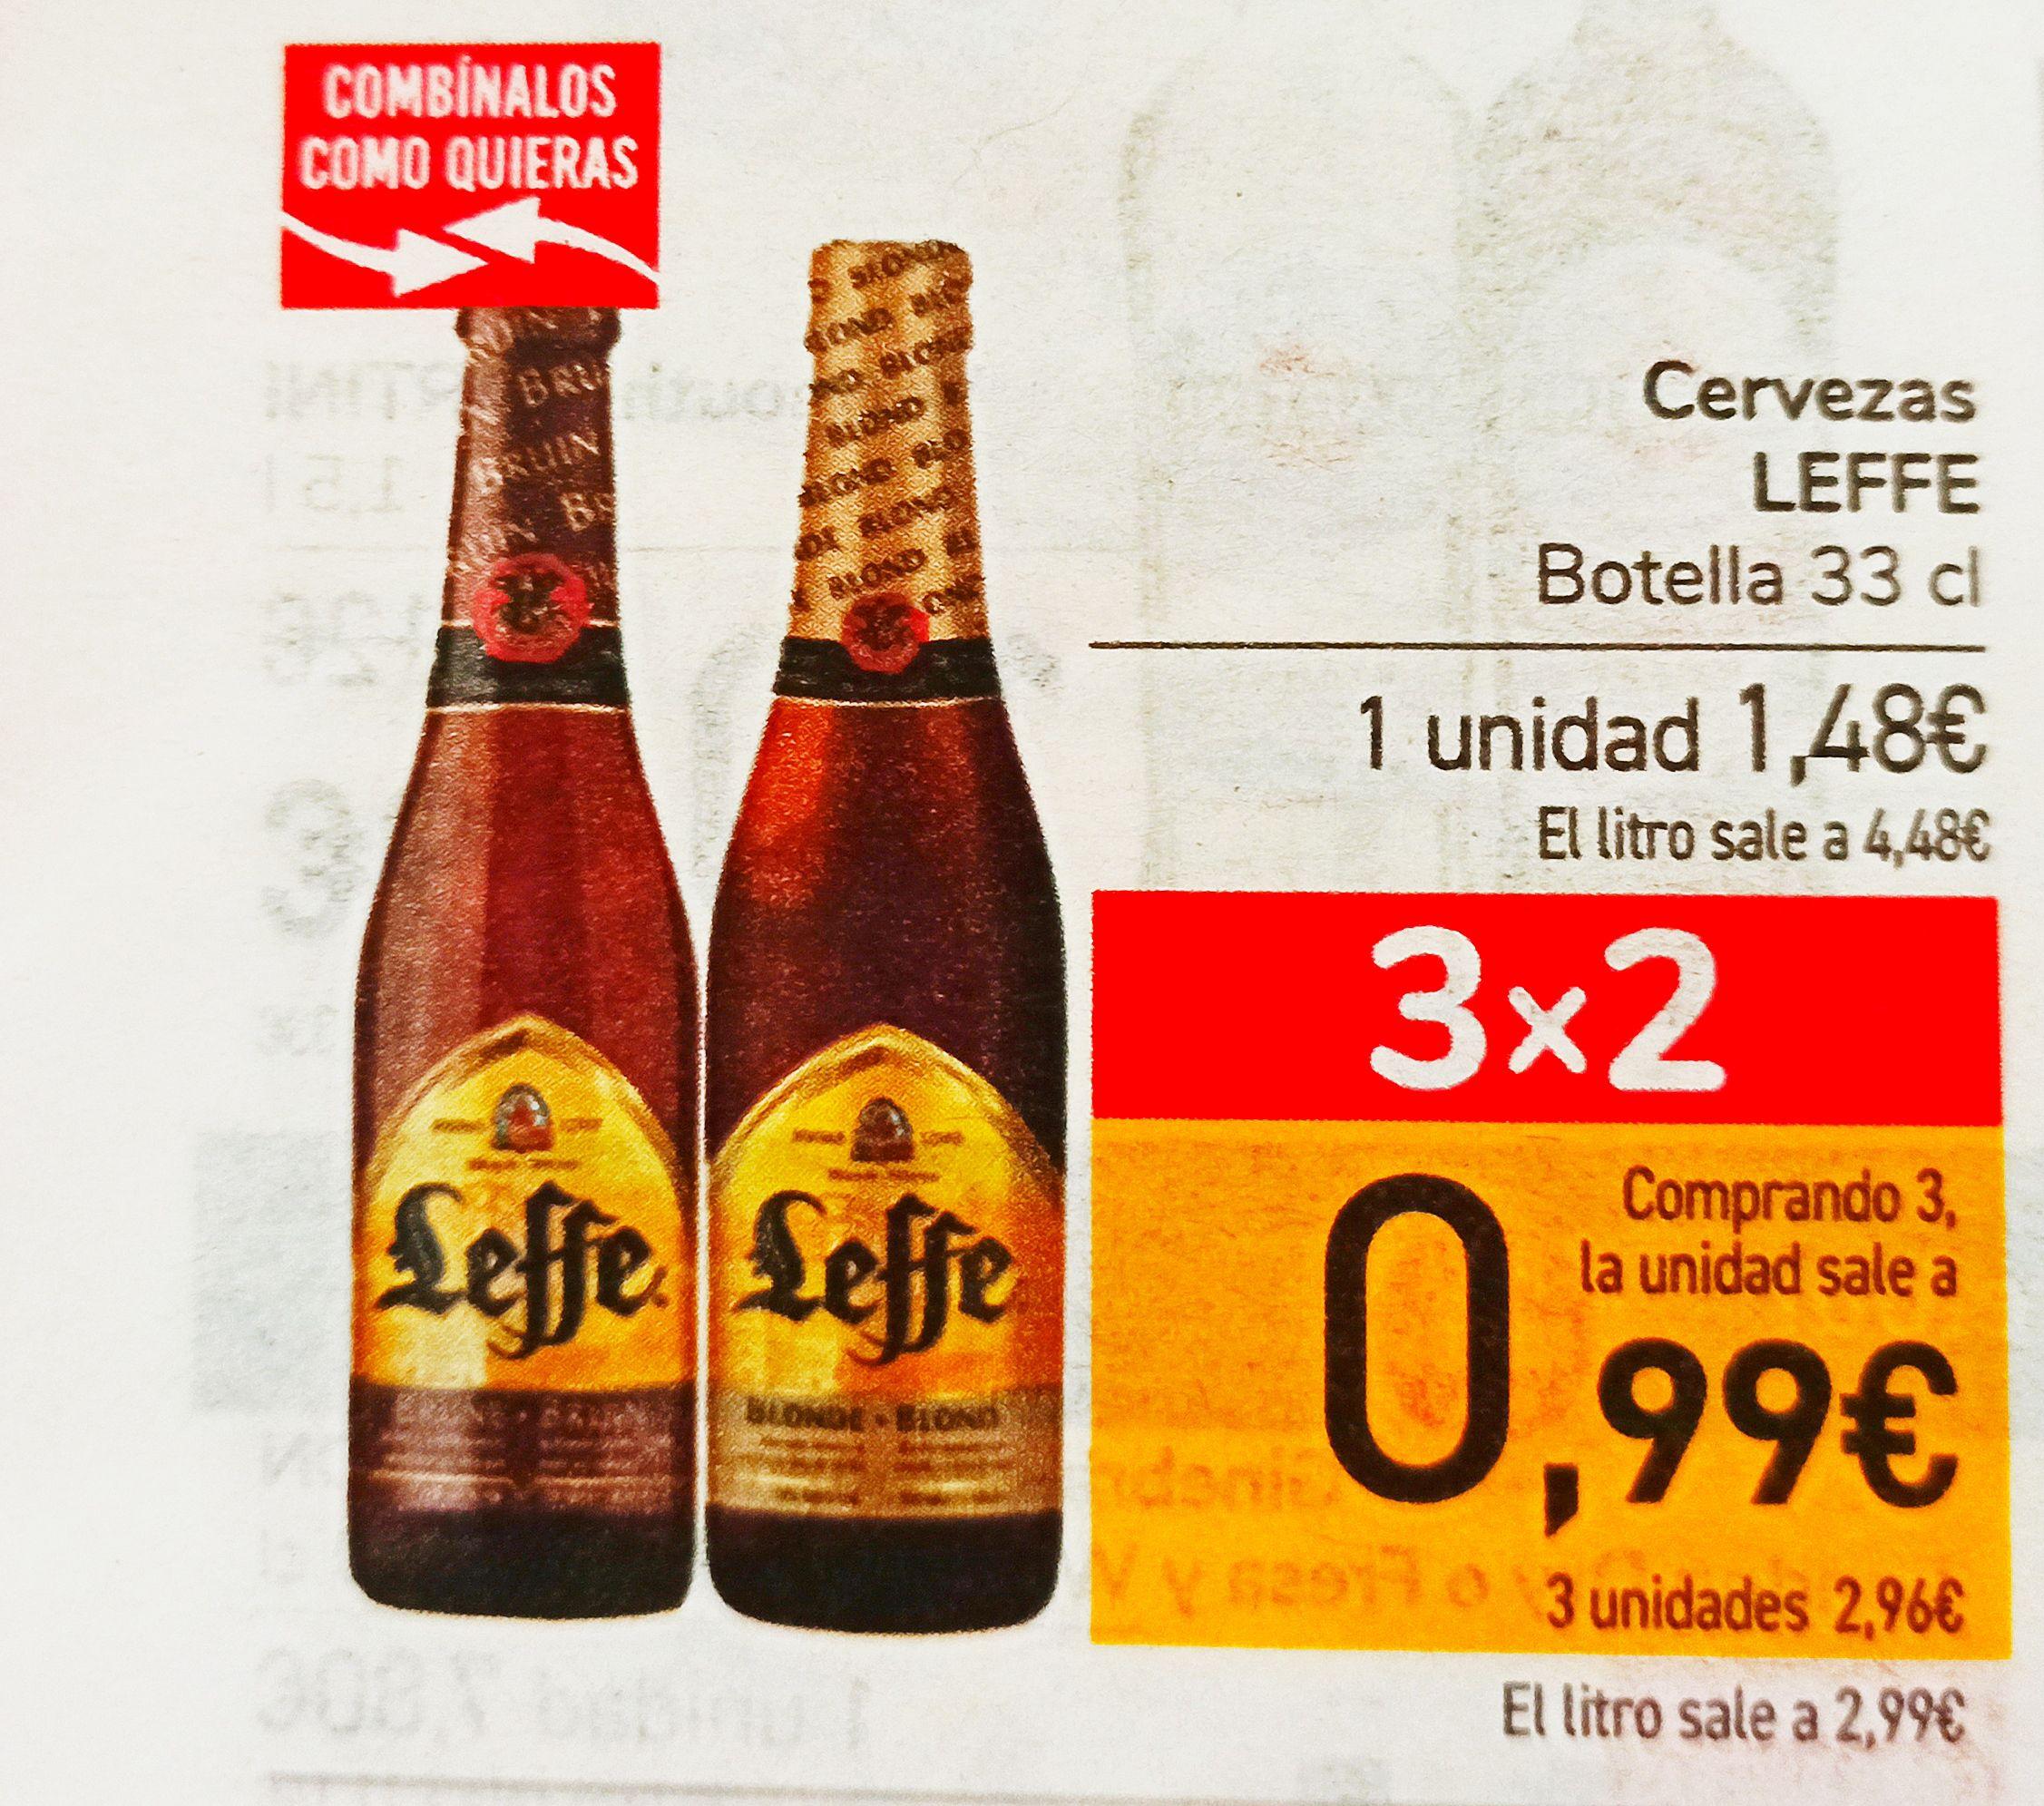 Cerveza Leffe a menos de 1€ con el 3X2 de Carrefour